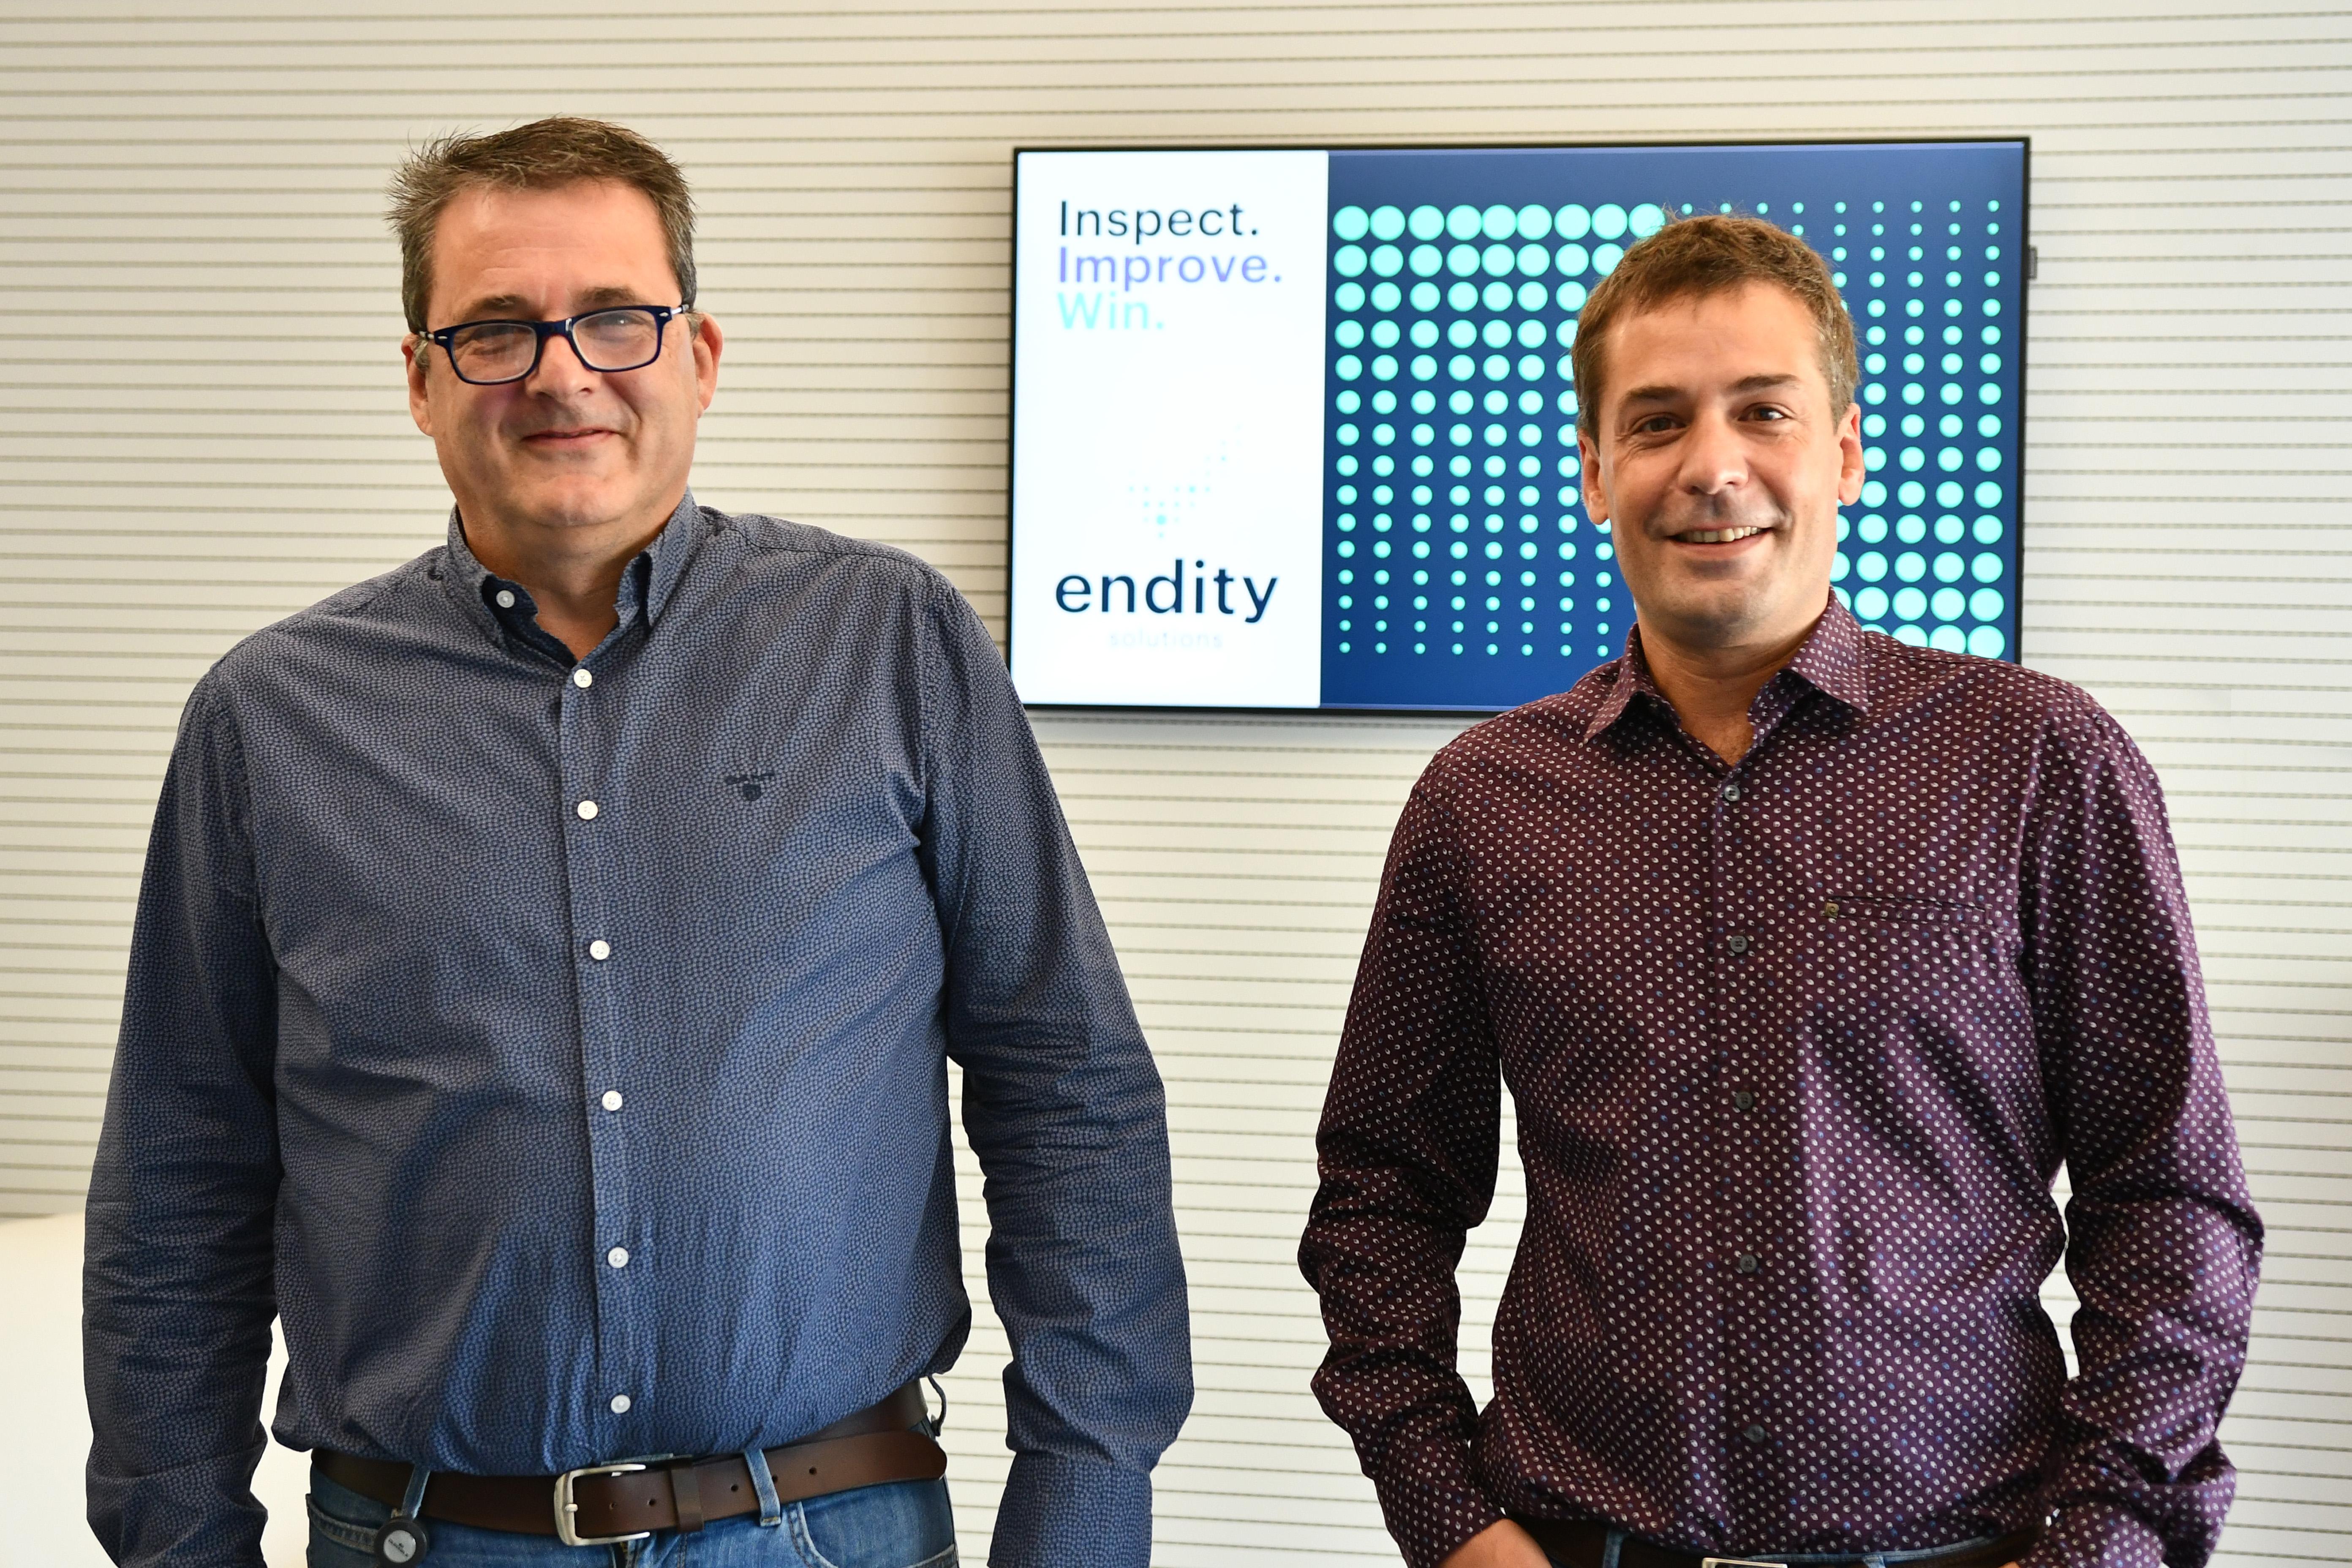 Danobatgroup e IDEKO crean una nueva empresa para el desarrollo de soluciones de inspección no destructiva